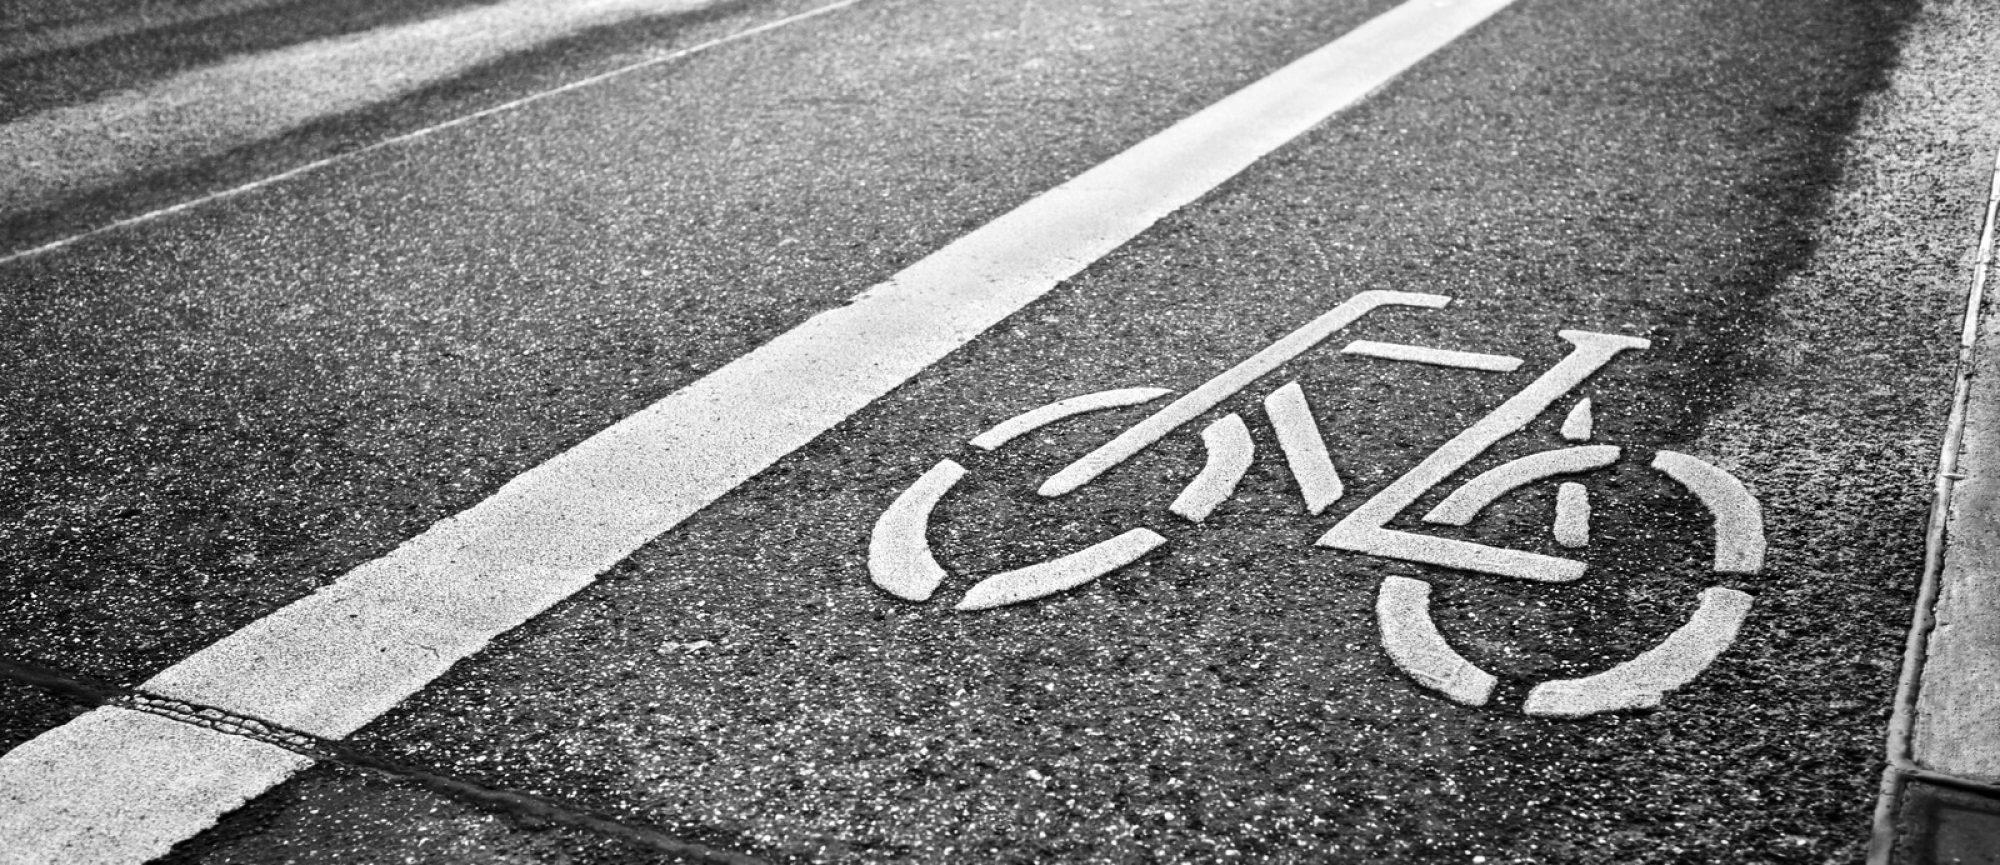 Strebel und Co. Fahrräder Karlsruhe